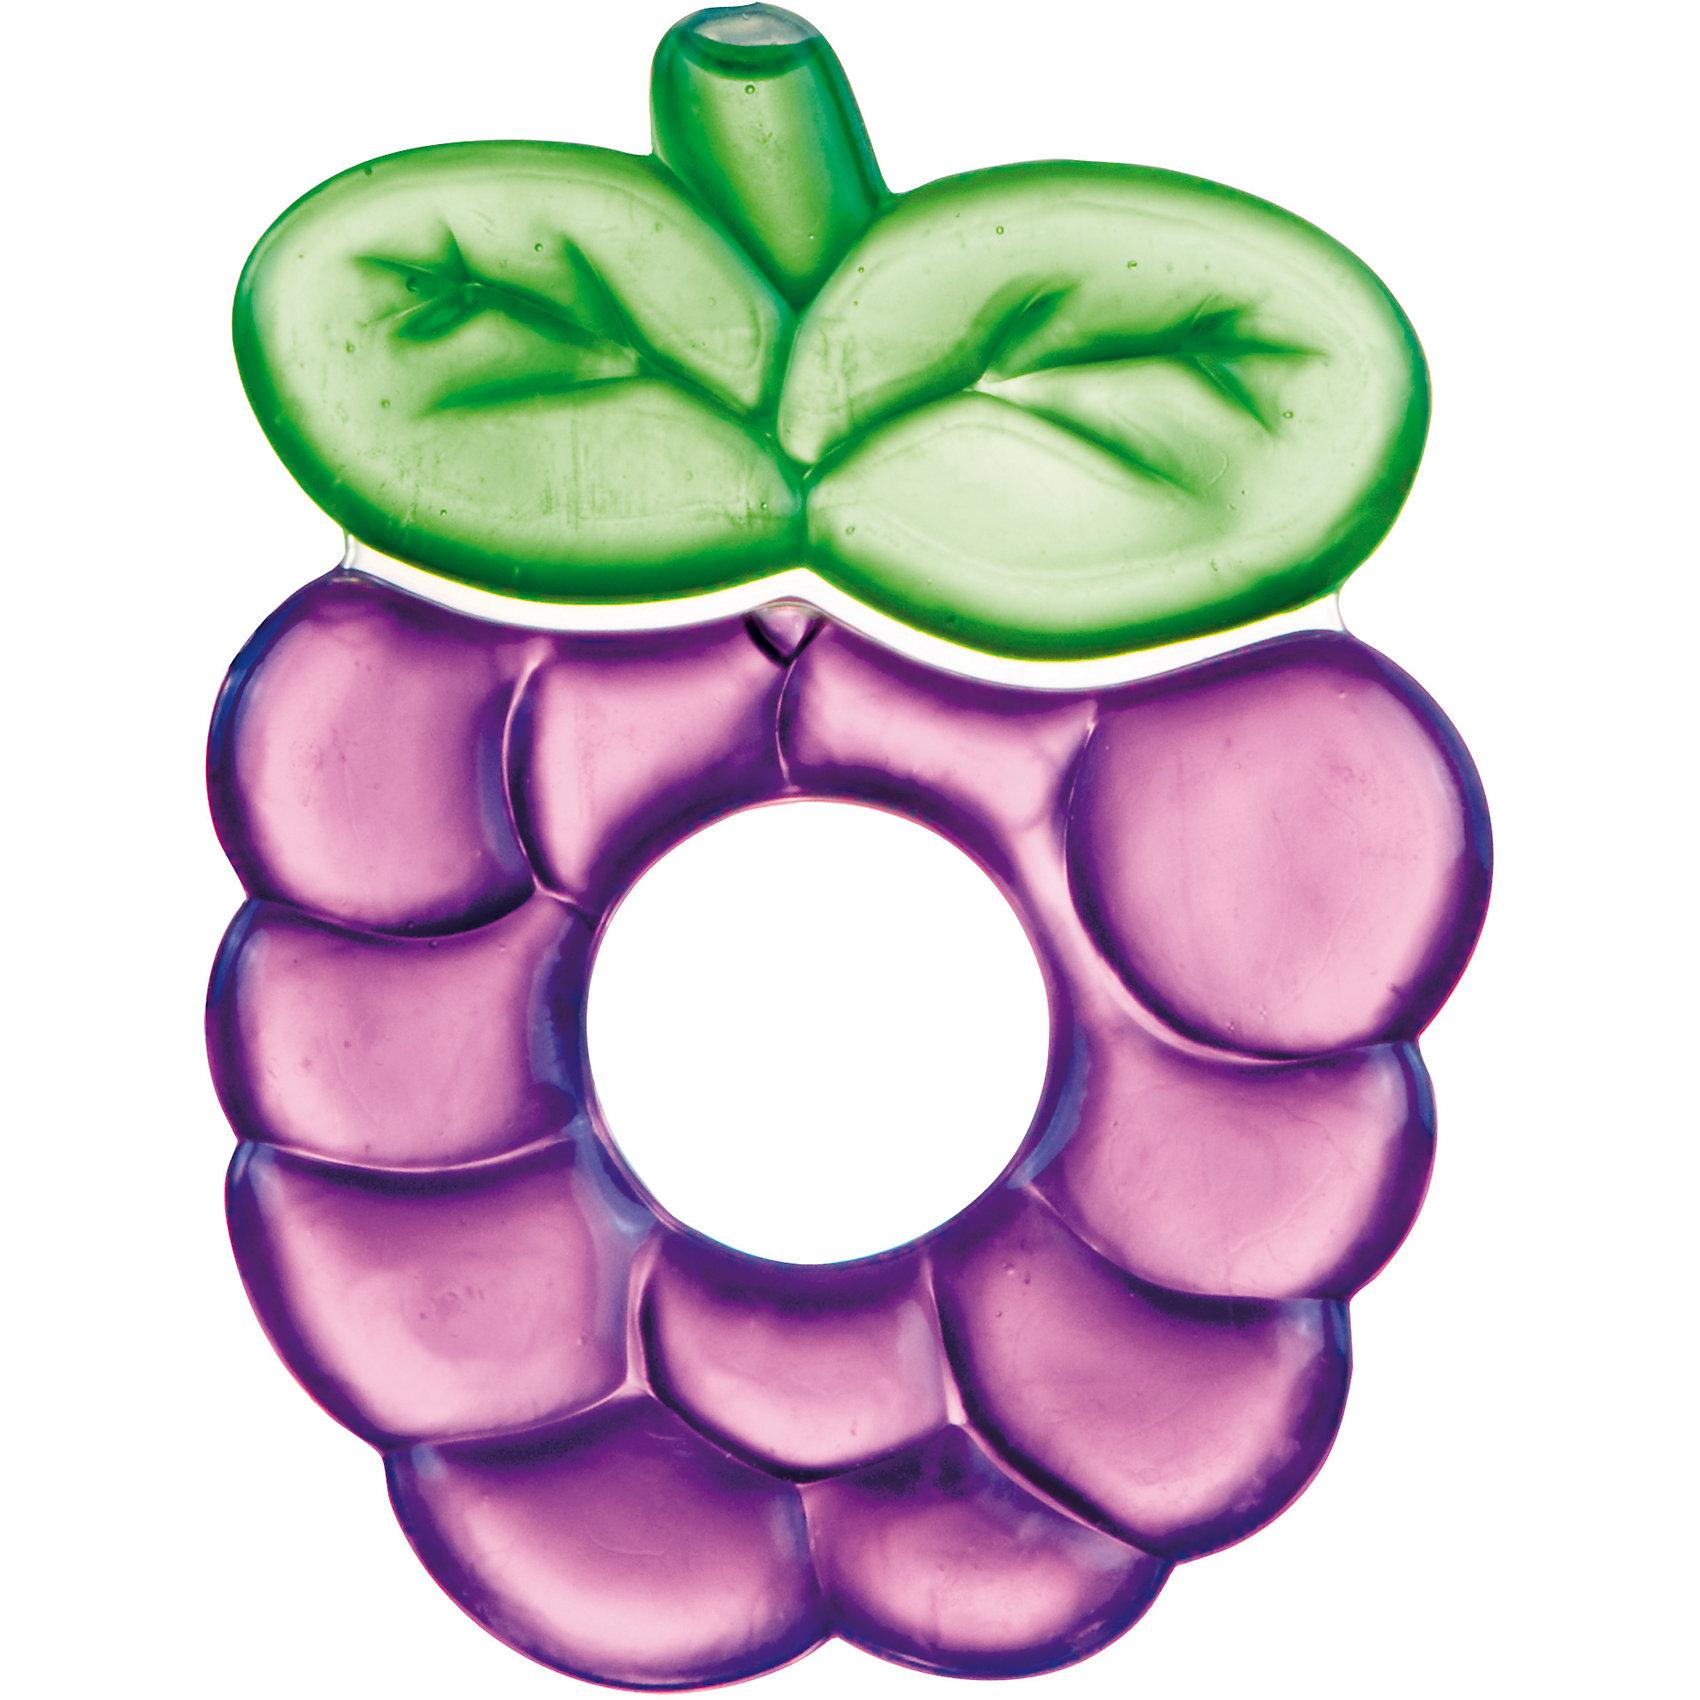 Прорезыватель водный охлаждающий Ягодка 0+ Fruits, Canpol Babies, фиолетовыйПрорезыватели<br>Прорезыватель водный охлаждающий Ягодка 0+ Fruits, Canpol Babies (Канпол Беби), фиолетовый.<br><br>Характеристики:<br>• облегчает боль и снимает зуд<br>• изготовлен из безопасных материалов<br>• наполнен дистиллированной водой<br>• материал: нетоксичный пластик, вода<br>• размер упаковки: 18,5х11,5х1 см<br>• цвет: фиолетовый<br><br>Прорезыватель Ягодка снимет зуд и сведет к минимуму неприятные ощущения в деснах при прорезывании зубов. Для этого нужно положить игрушку в холодильник на несколько минут. Удобная ручка позволит ребенку держать прорезыватель самостоятельно. Яркая расцветка <br>привлечет внимание ребенка и он с удовольствием воспользуется волшебным помощником!<br><br>Прорезыватель водный охлаждающий Ягодка 0+ Fruits, Canpol Babies (Канпол Беби), фиолетовый можно купить в нашем интернет-магазине.<br><br>Ширина мм: 115<br>Глубина мм: 10<br>Высота мм: 185<br>Вес г: 470<br>Возраст от месяцев: 0<br>Возраст до месяцев: 12<br>Пол: Унисекс<br>Возраст: Детский<br>SKU: 5156703